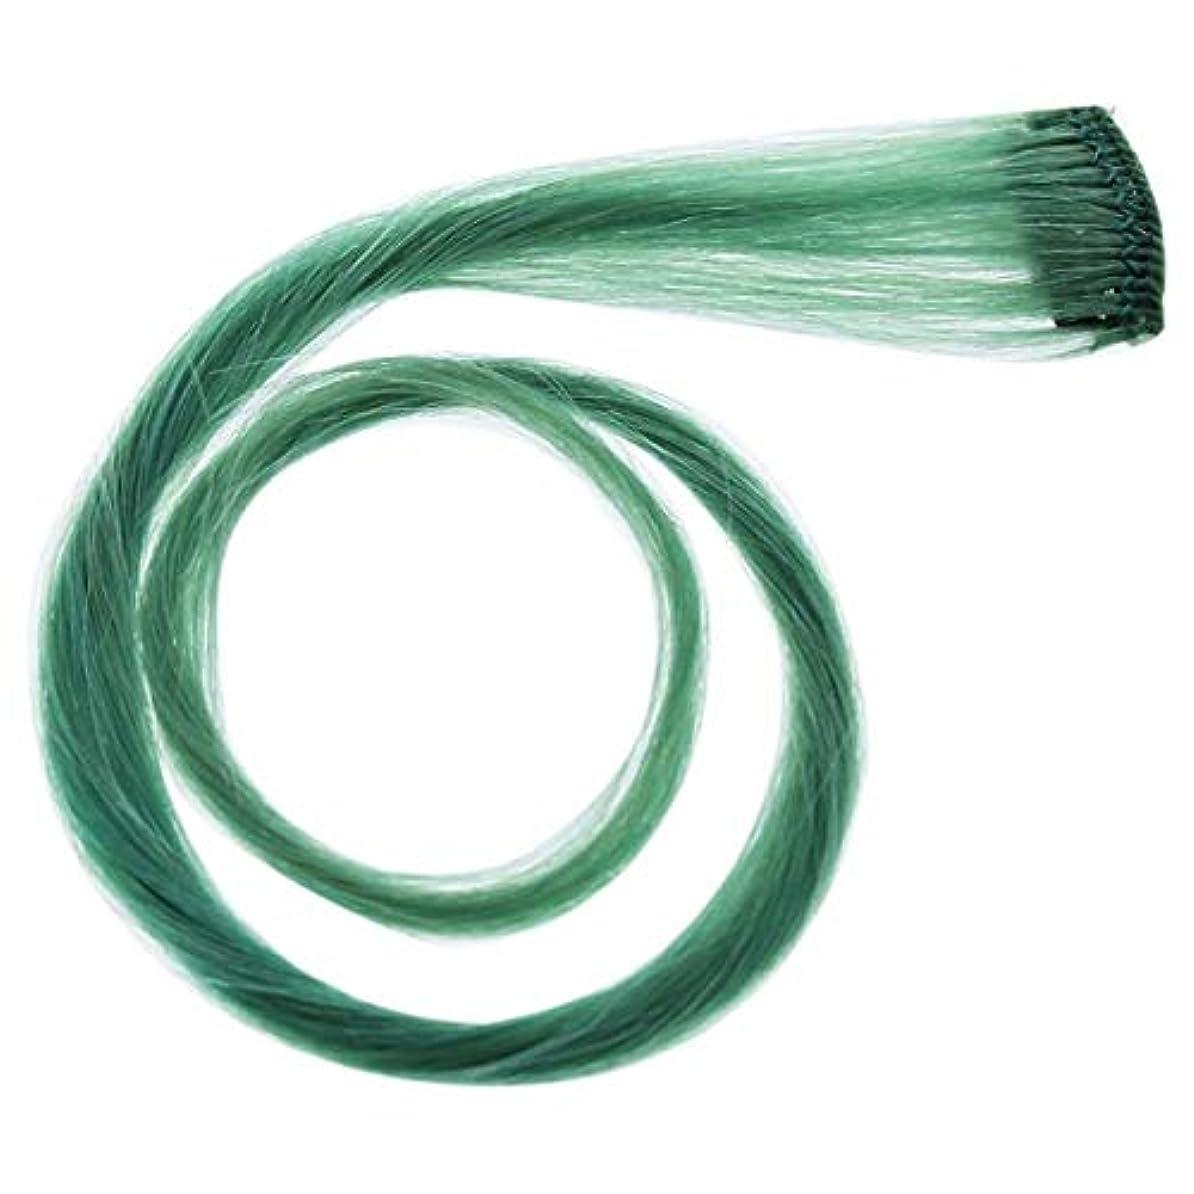 シェル耳金曜日Hairdo ポップ波状ラップ - R25ジンジャーブロンド 16インチ